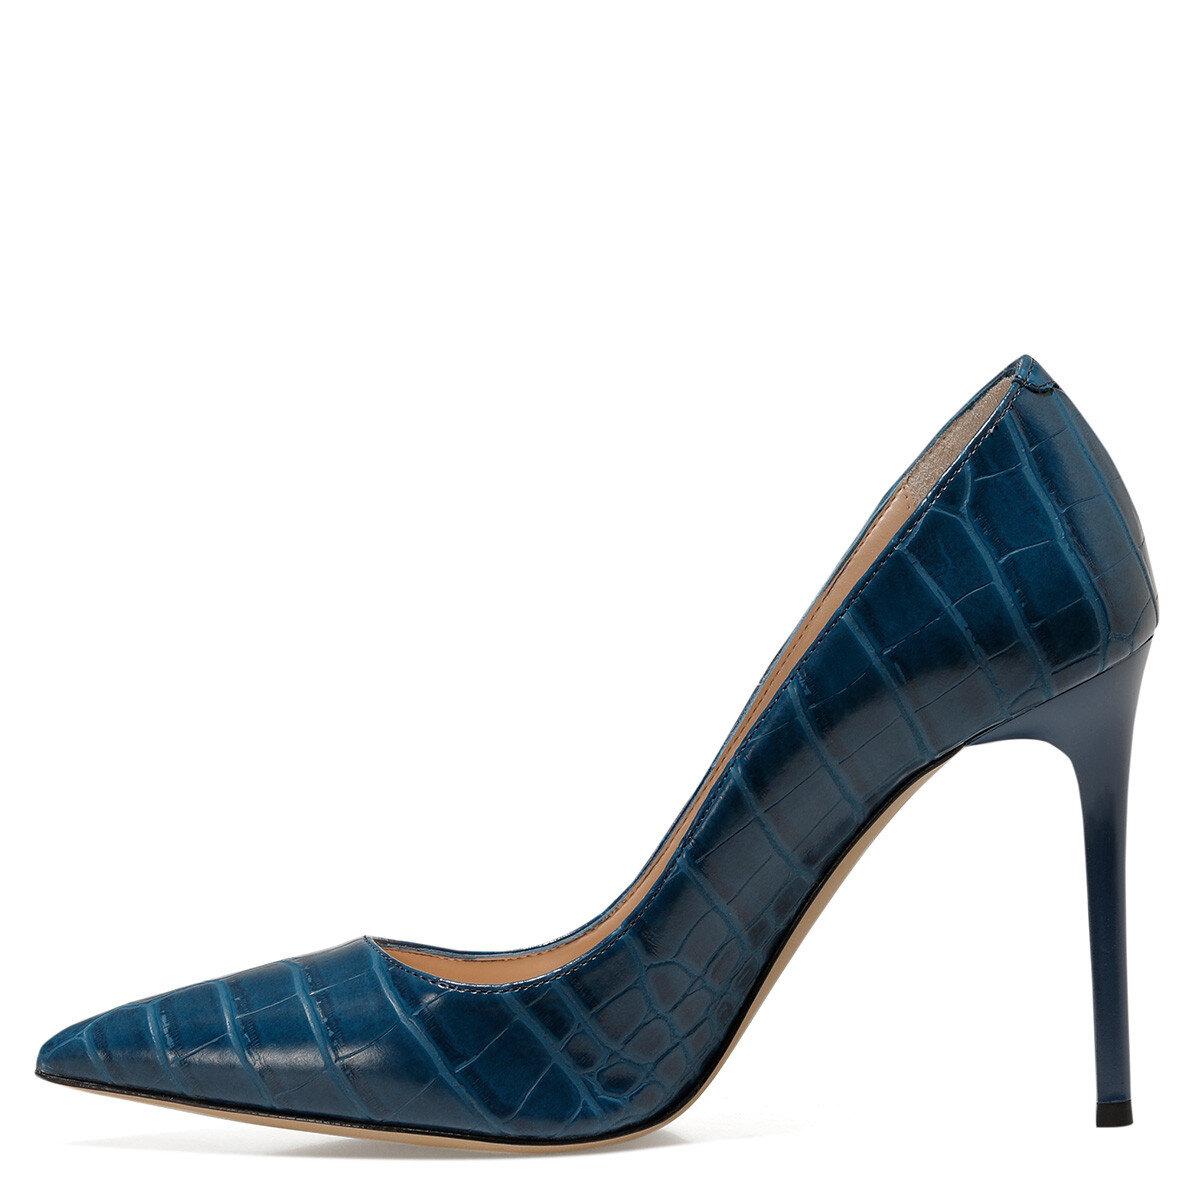 SUNDE2 Mavi Kadın Gova Ayakkabı